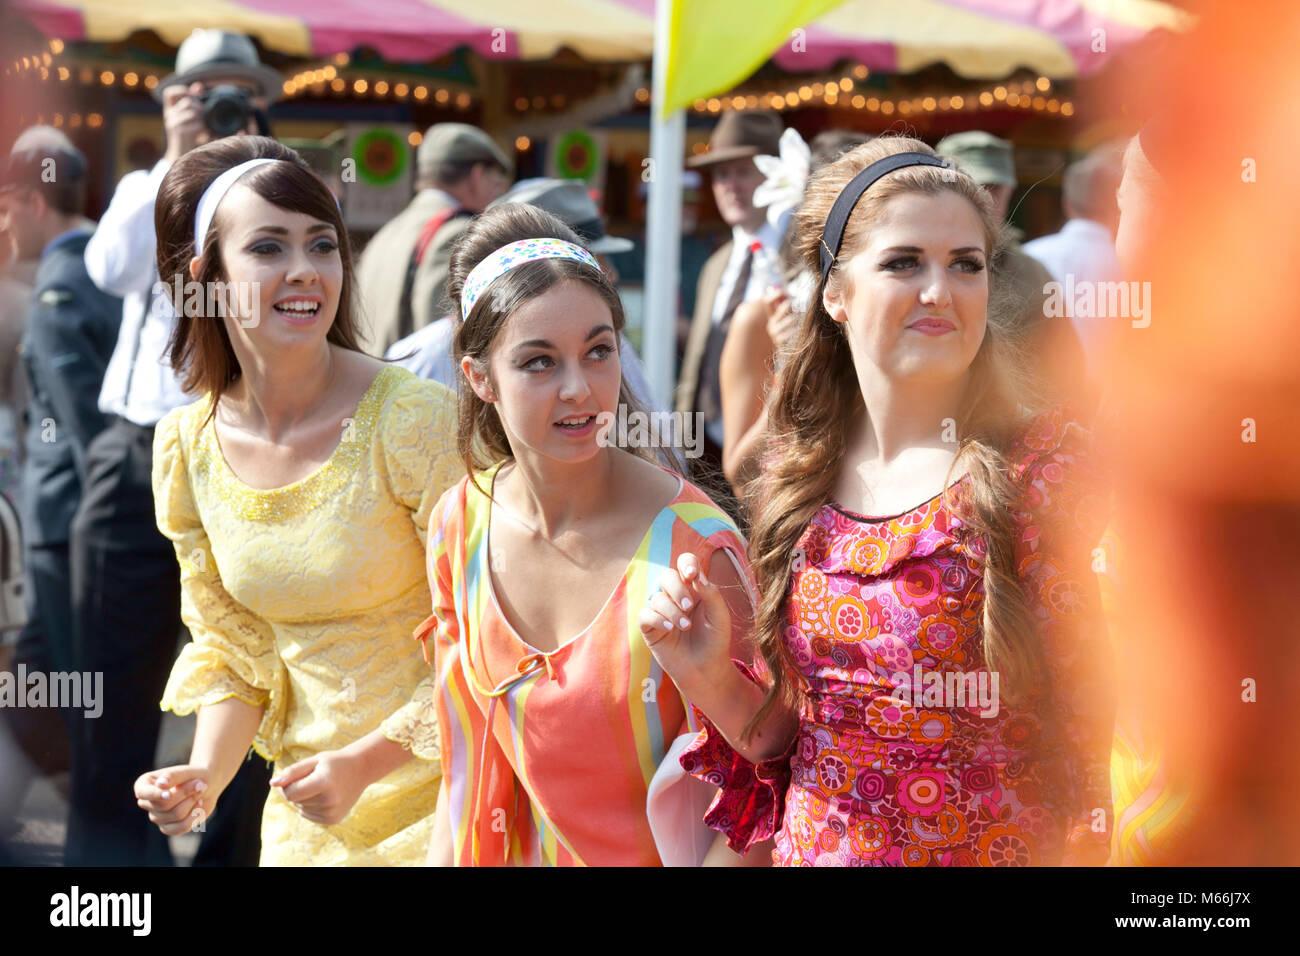 Drei junge Frauen in bunten 60er Style Kleider suchen gerne die Teilnahme an der Goodwood Revival Meeting Stockbild